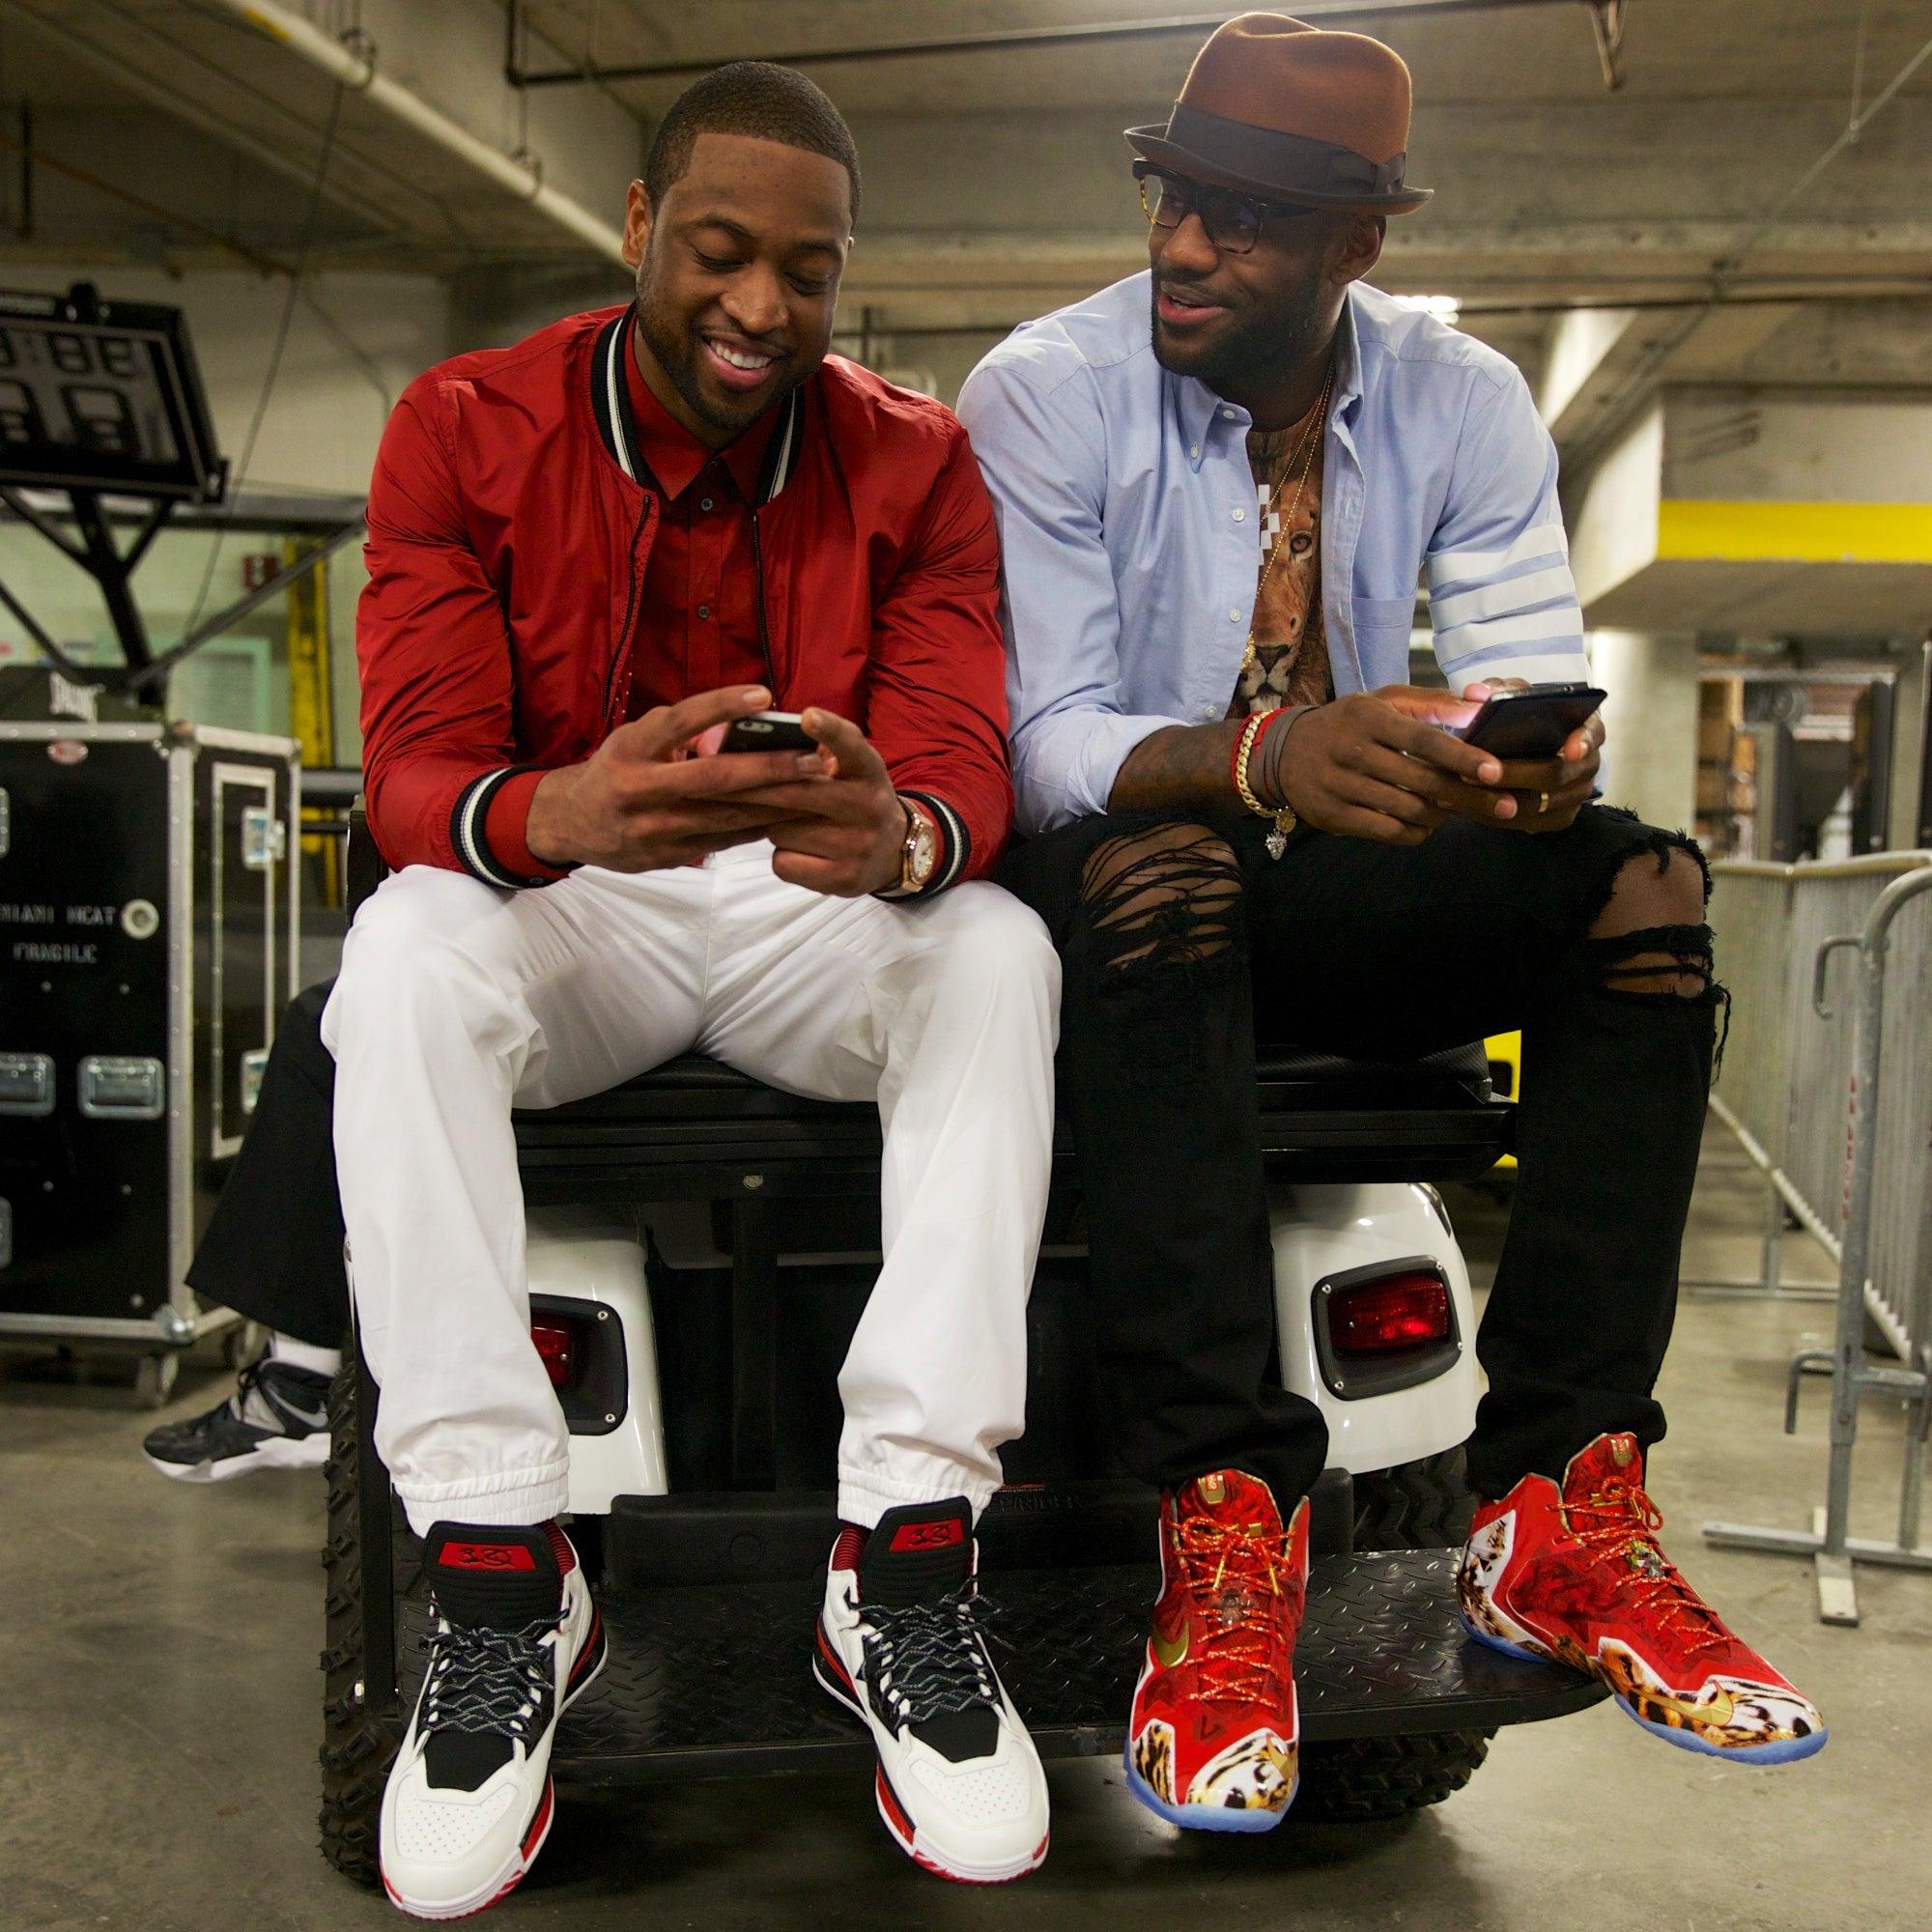 Dwyane Wade Lets LeBron James Order for Him at Restaurants: He 'JustKnows'